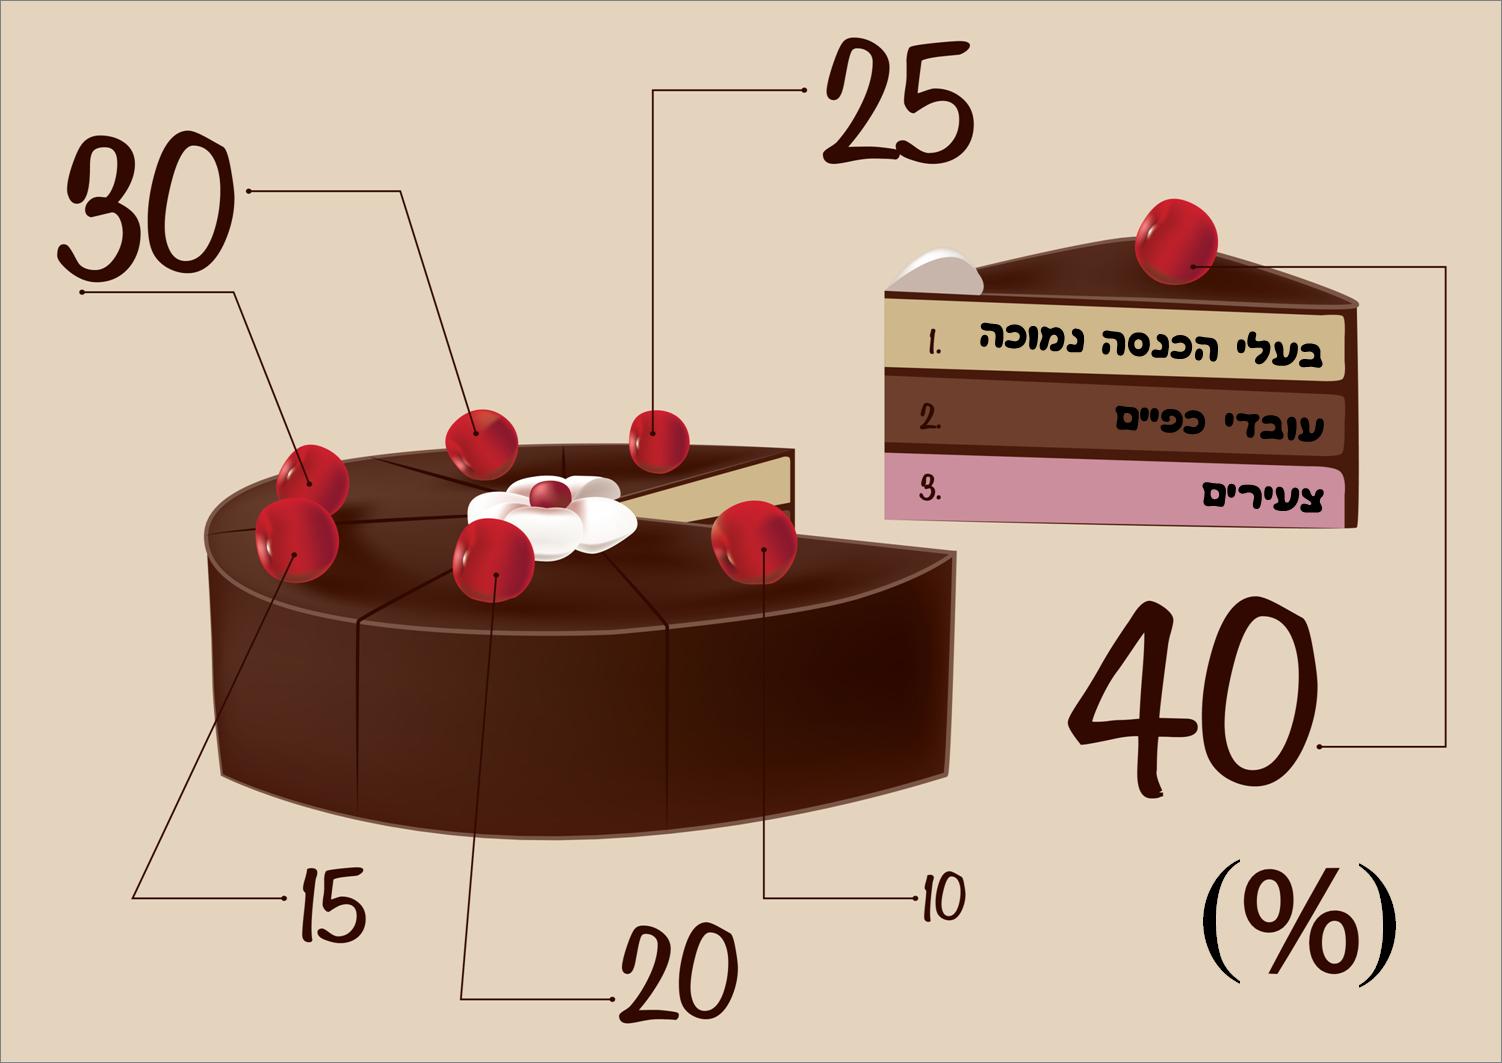 באמת כדאי להפסיד חלק מהעוגה? זה עלול להיות פחות טעים. פחות מדויק הכוונה. סקר אינטרנטי מגיע לכל חלקי האוכלוסייה.